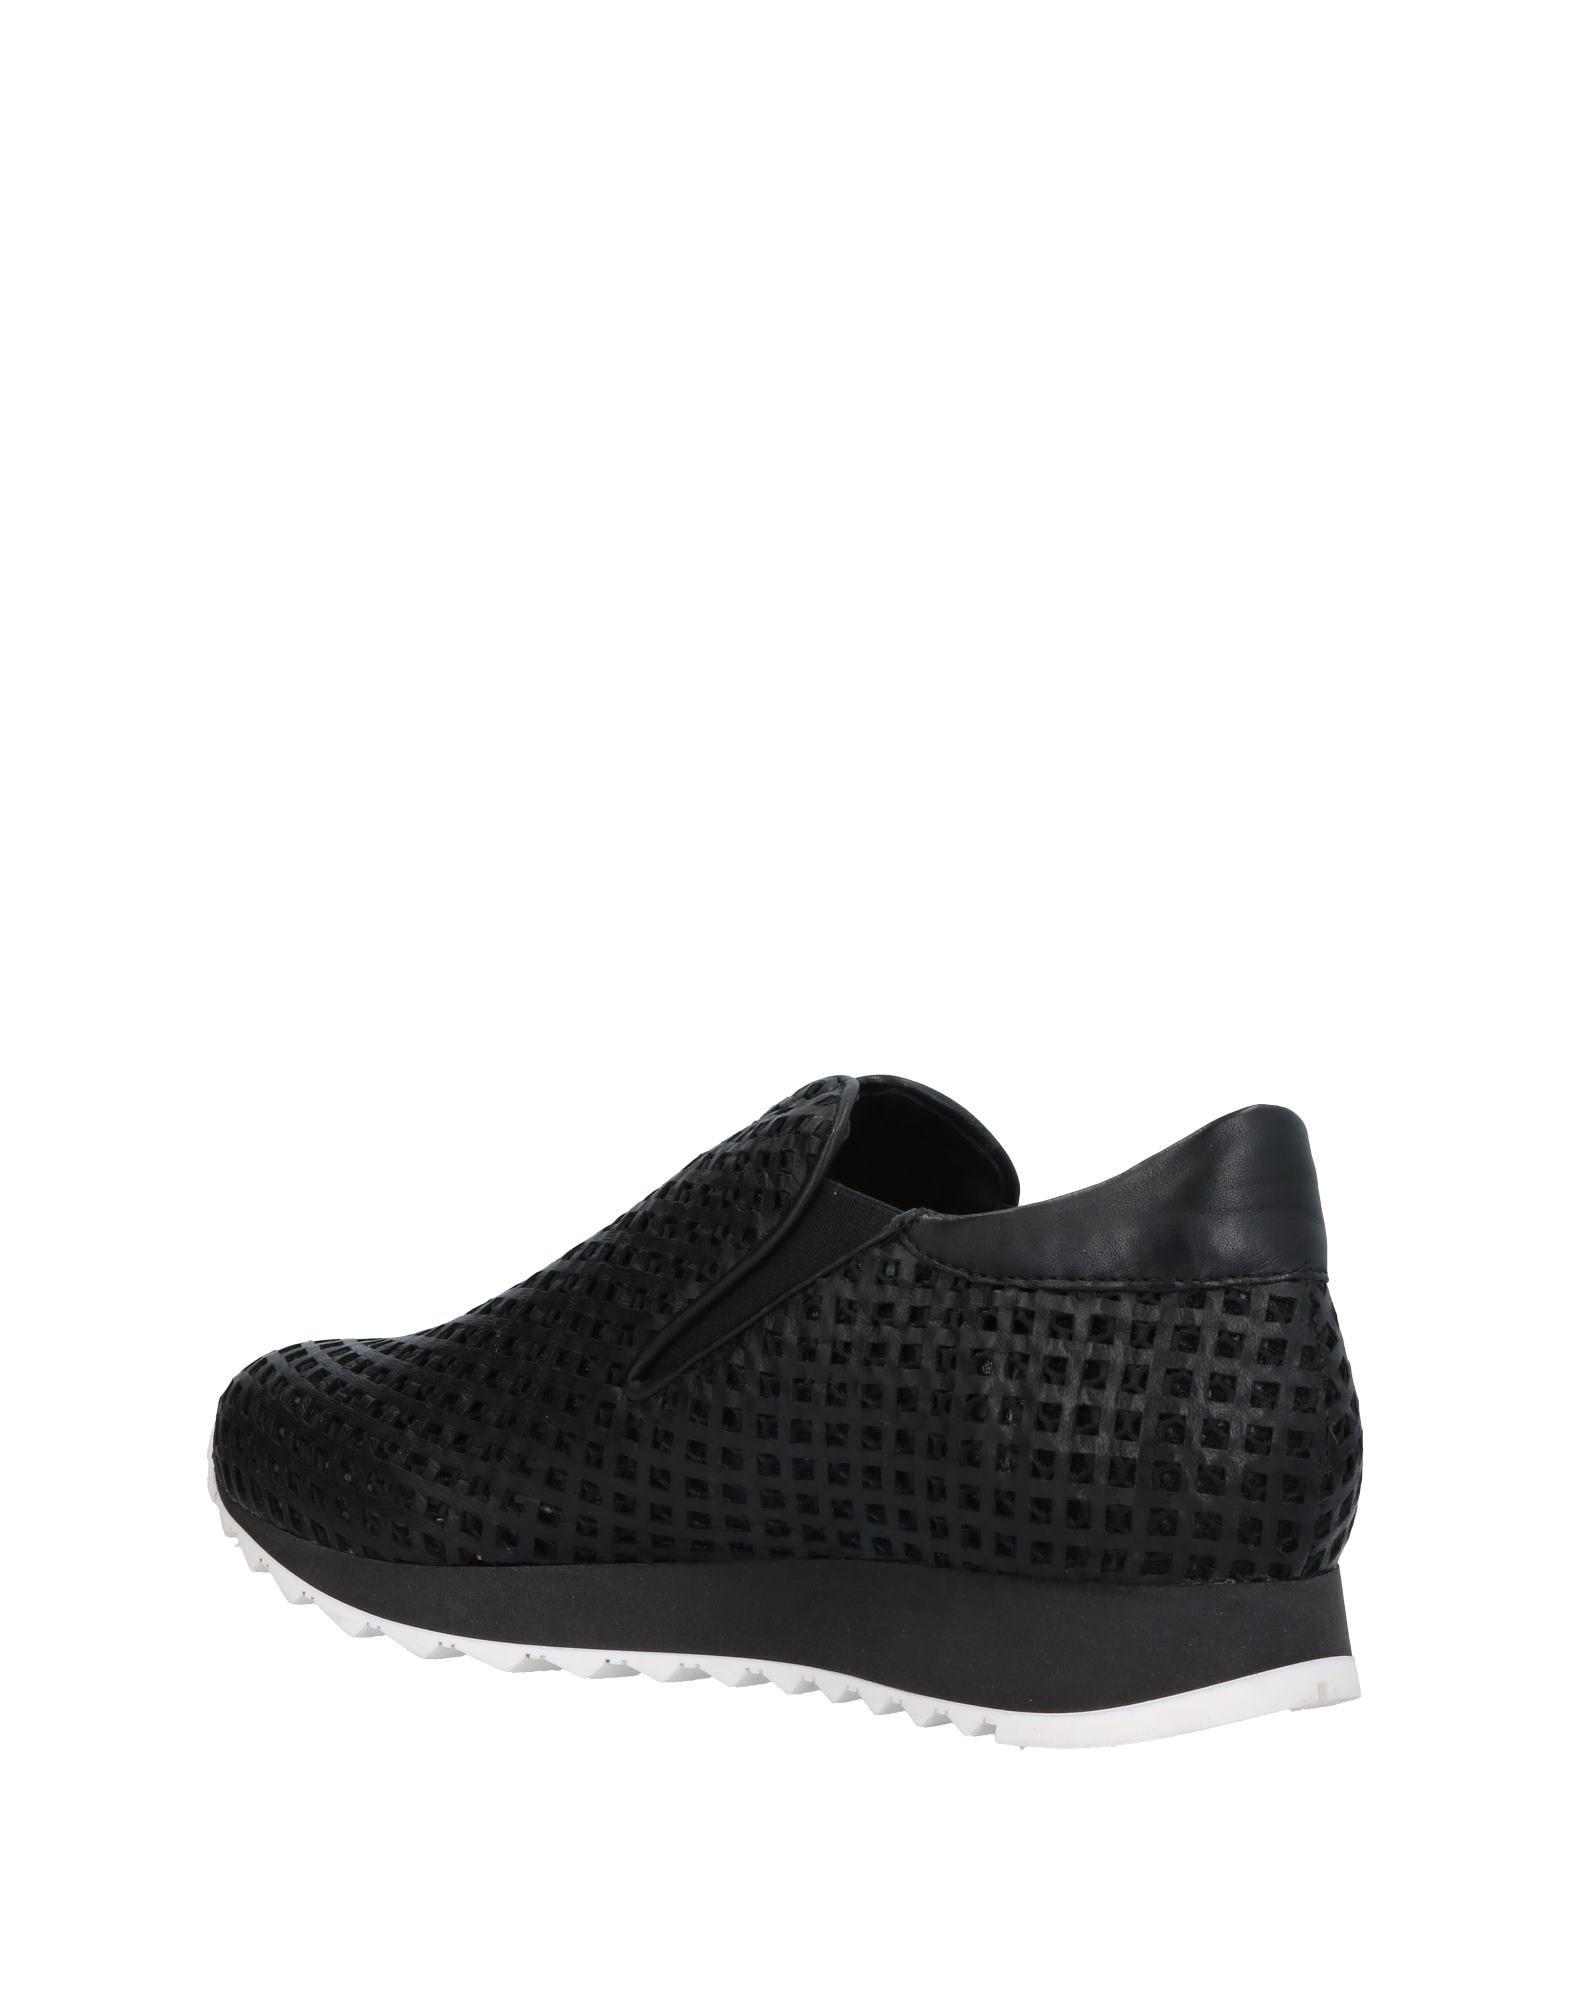 Andìa Fora Sneakers Herren Herren Herren  11400572QT 729be5